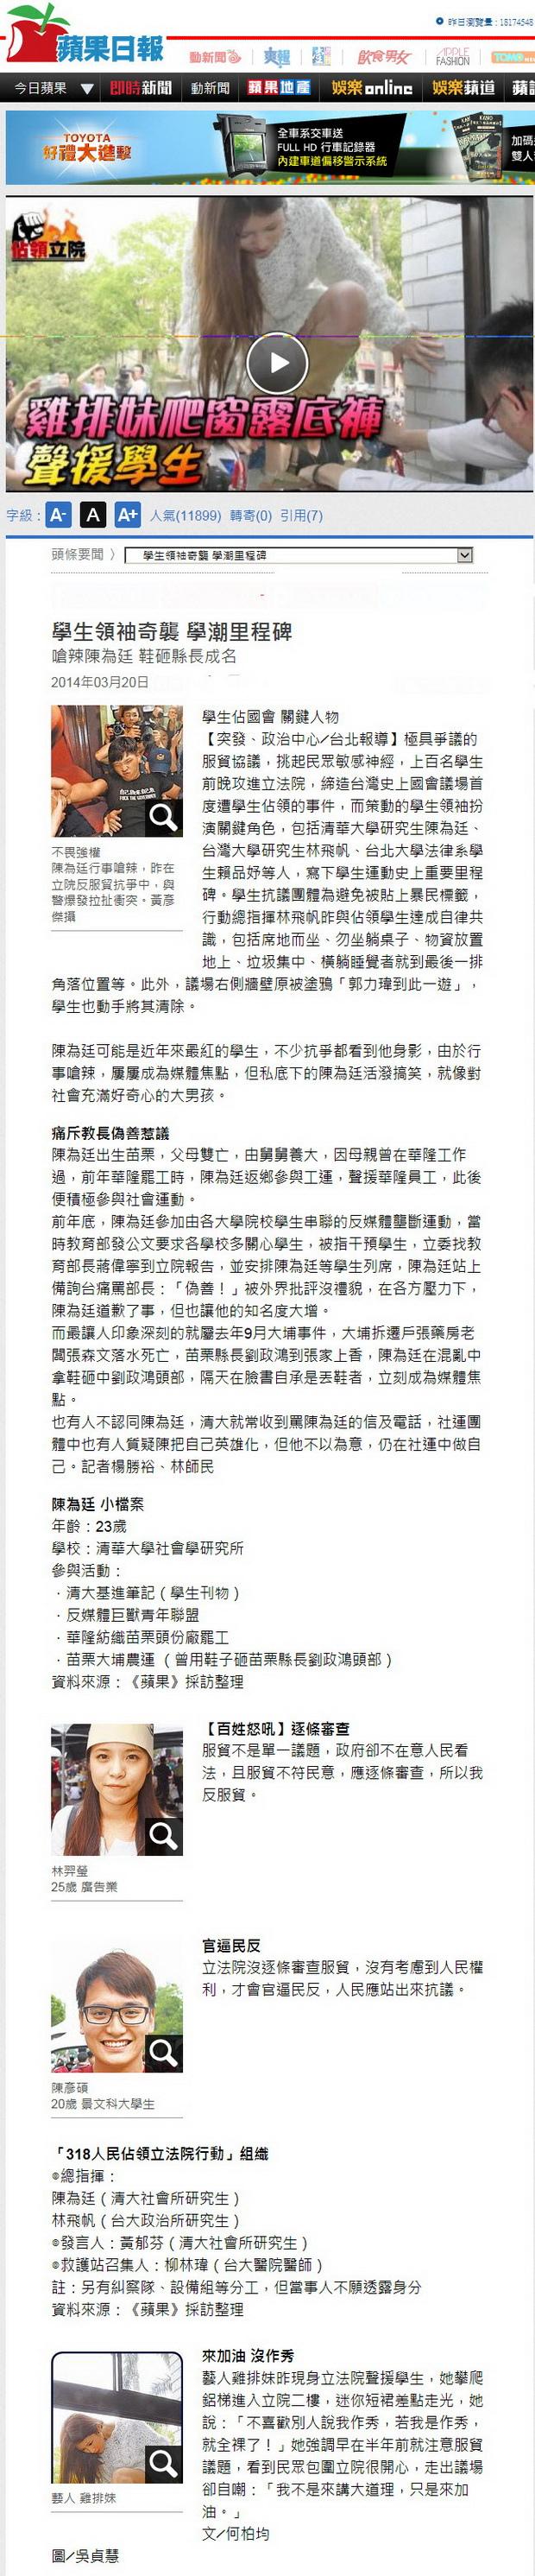 學生領袖奇襲 學潮里程碑-2014.03.20.jpg